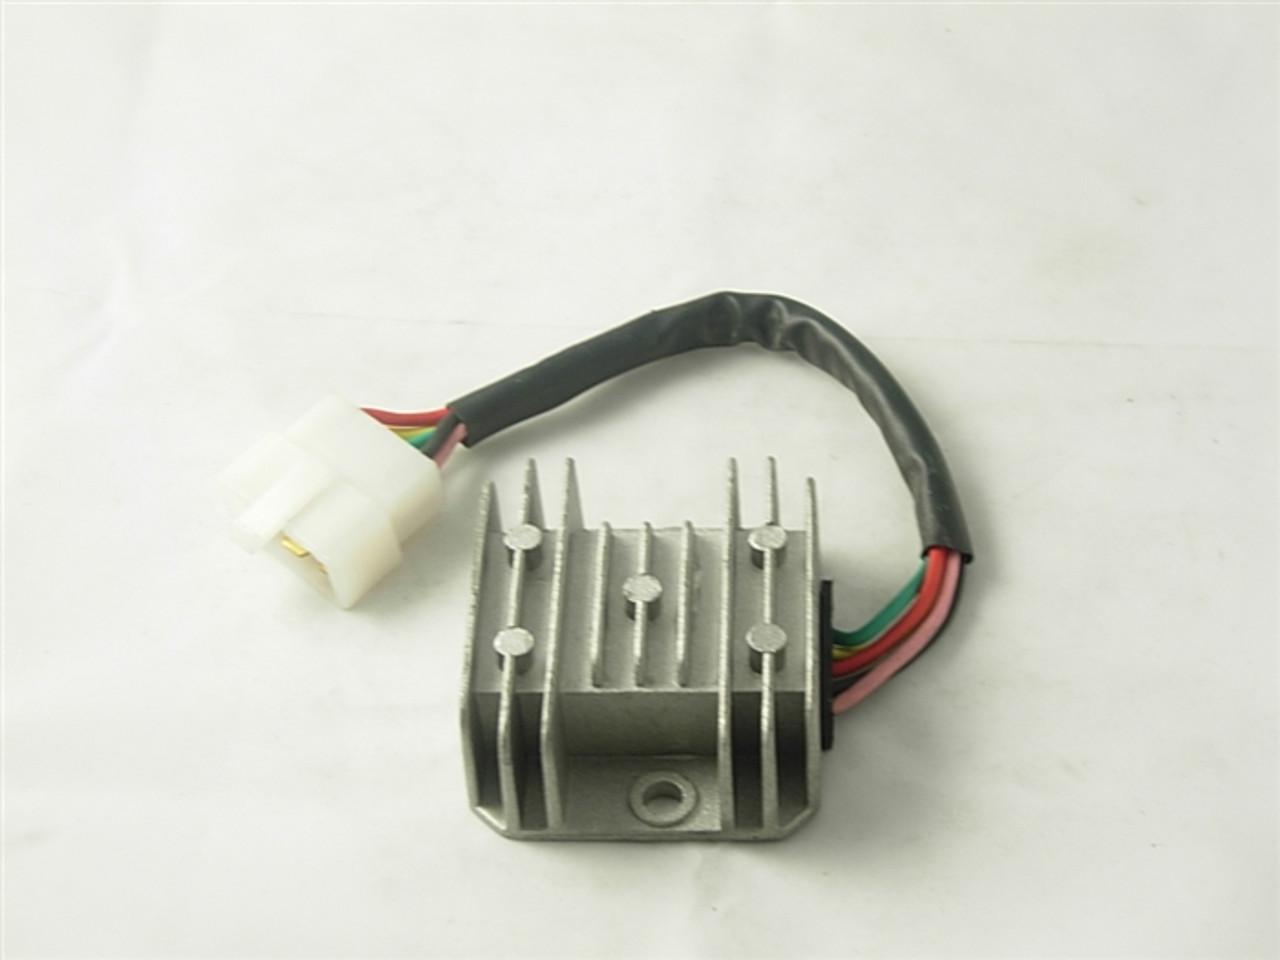 rectifier/regulator 10418-a24-4